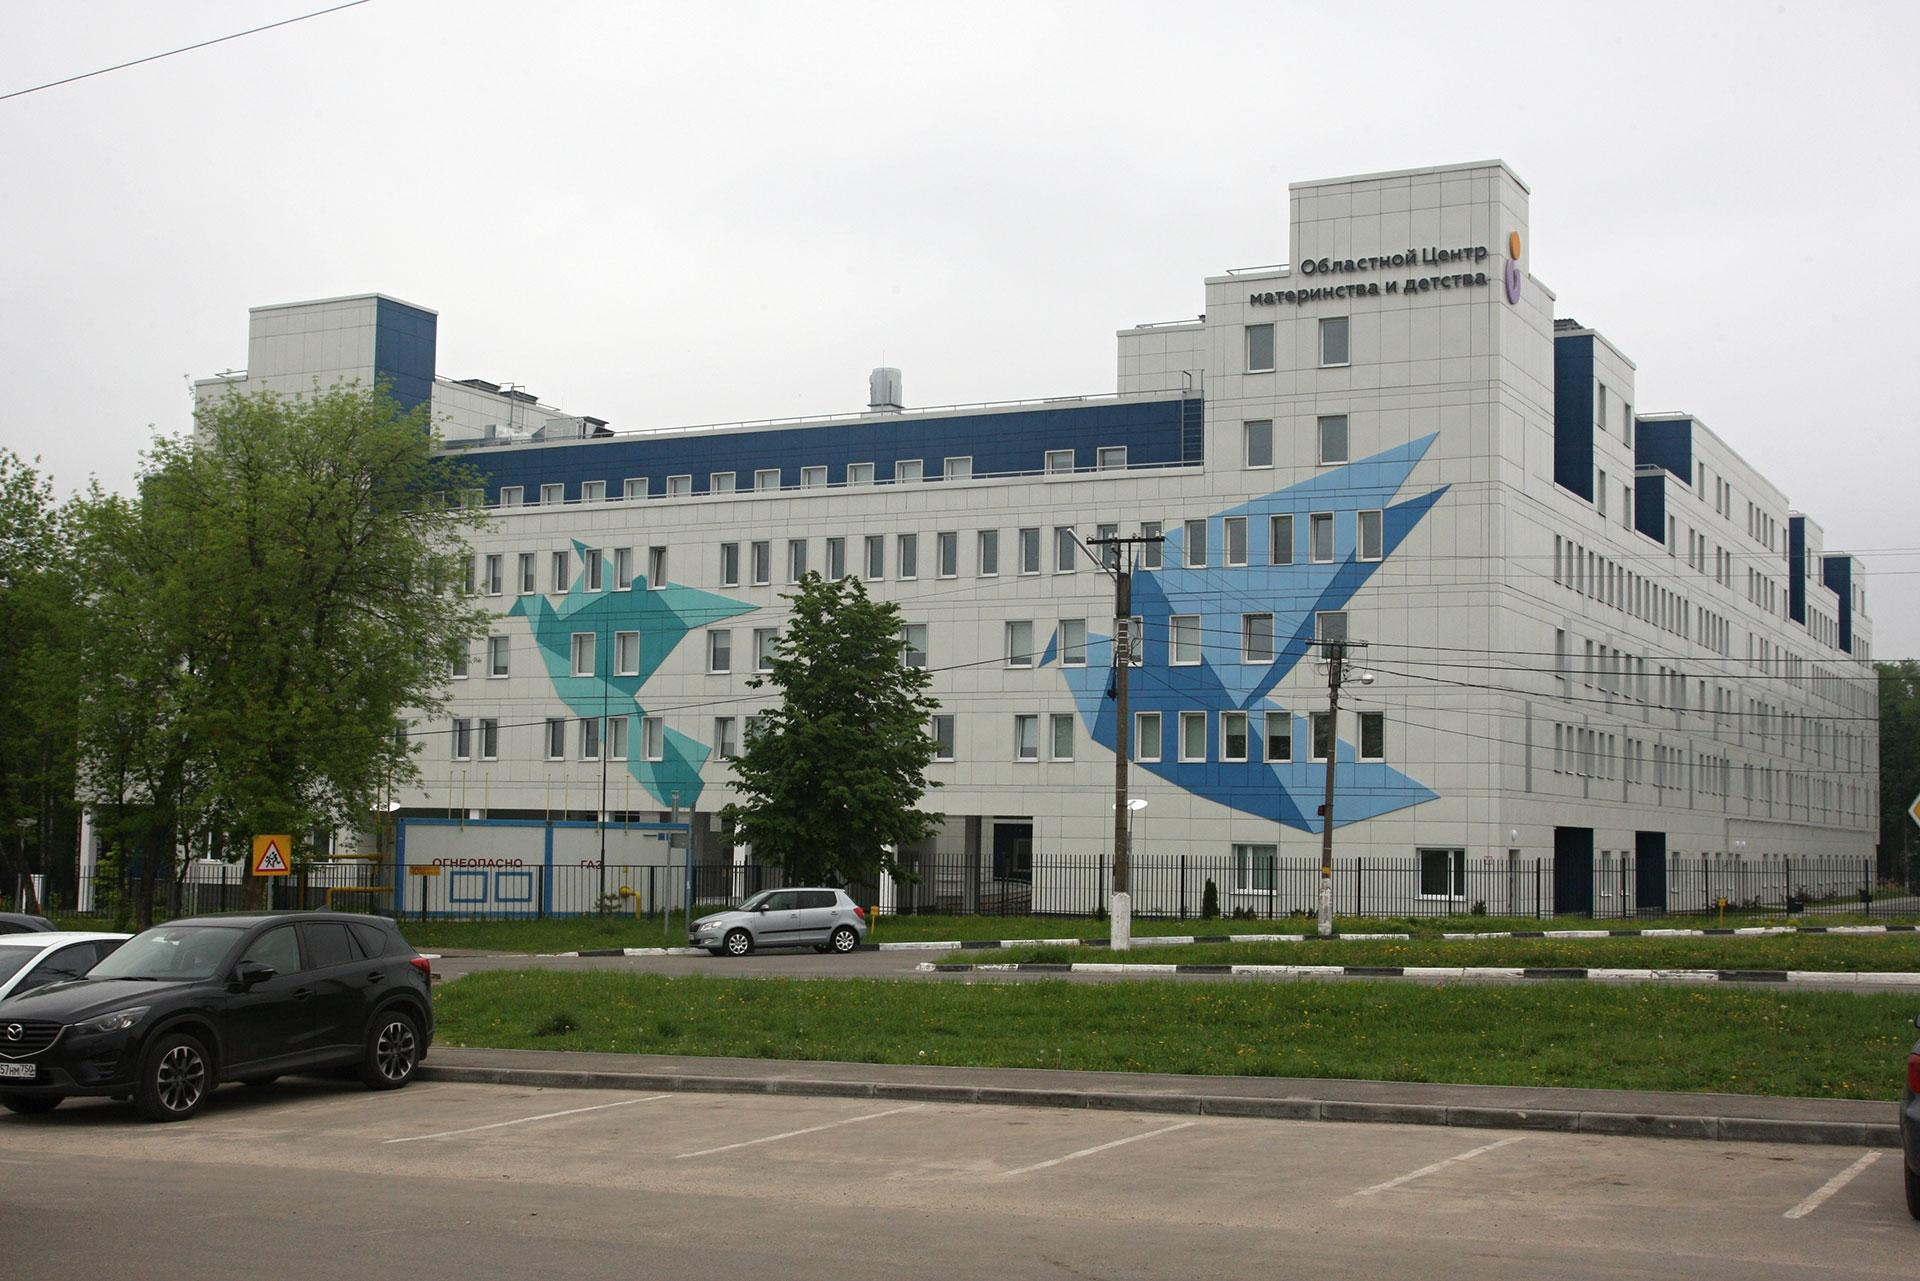 Центр материнства и детства, Коломна